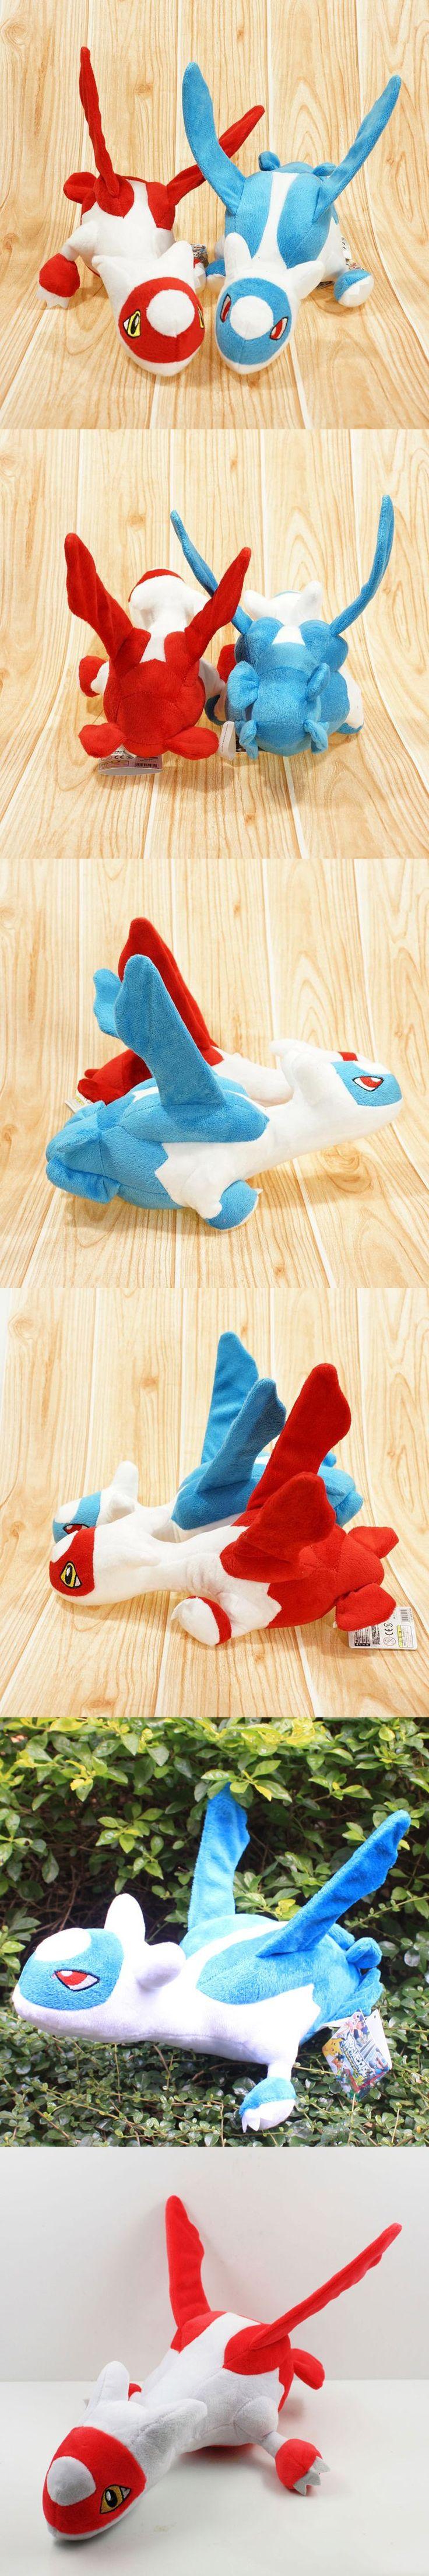 """New Arrival Pokemon Latias and Latios Stuffed Plush Toys Doll With Tag 12"""" 30cm Pokemon Plush Toy Kids Toys Free Shipping"""